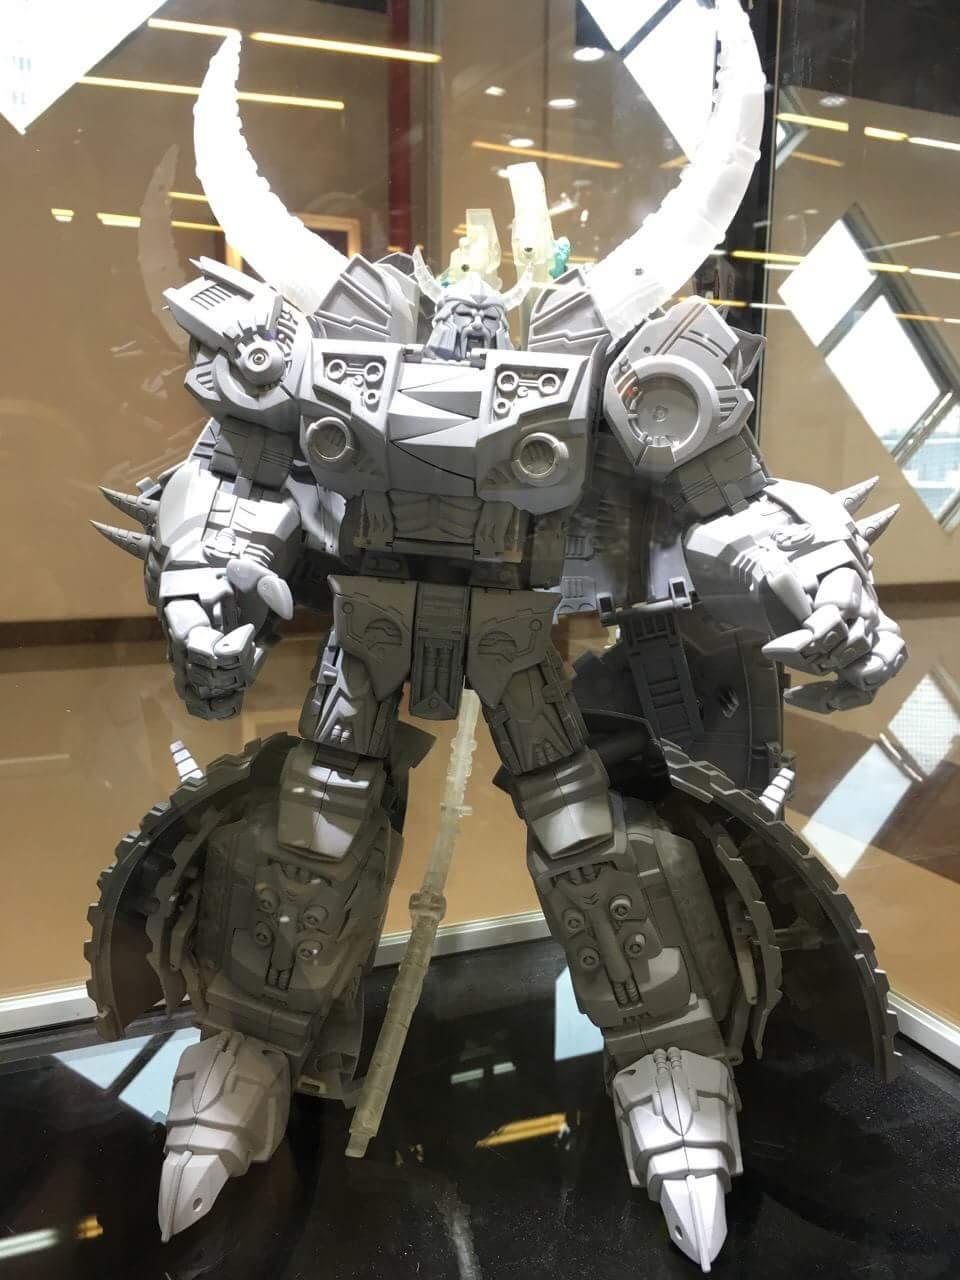 [Garatron] Produit Tiers - Gangs Of Devils G.O.D-02 Galaxy Demolishor - aka Unicron (Beast Wars Neo) A96o5Zcf